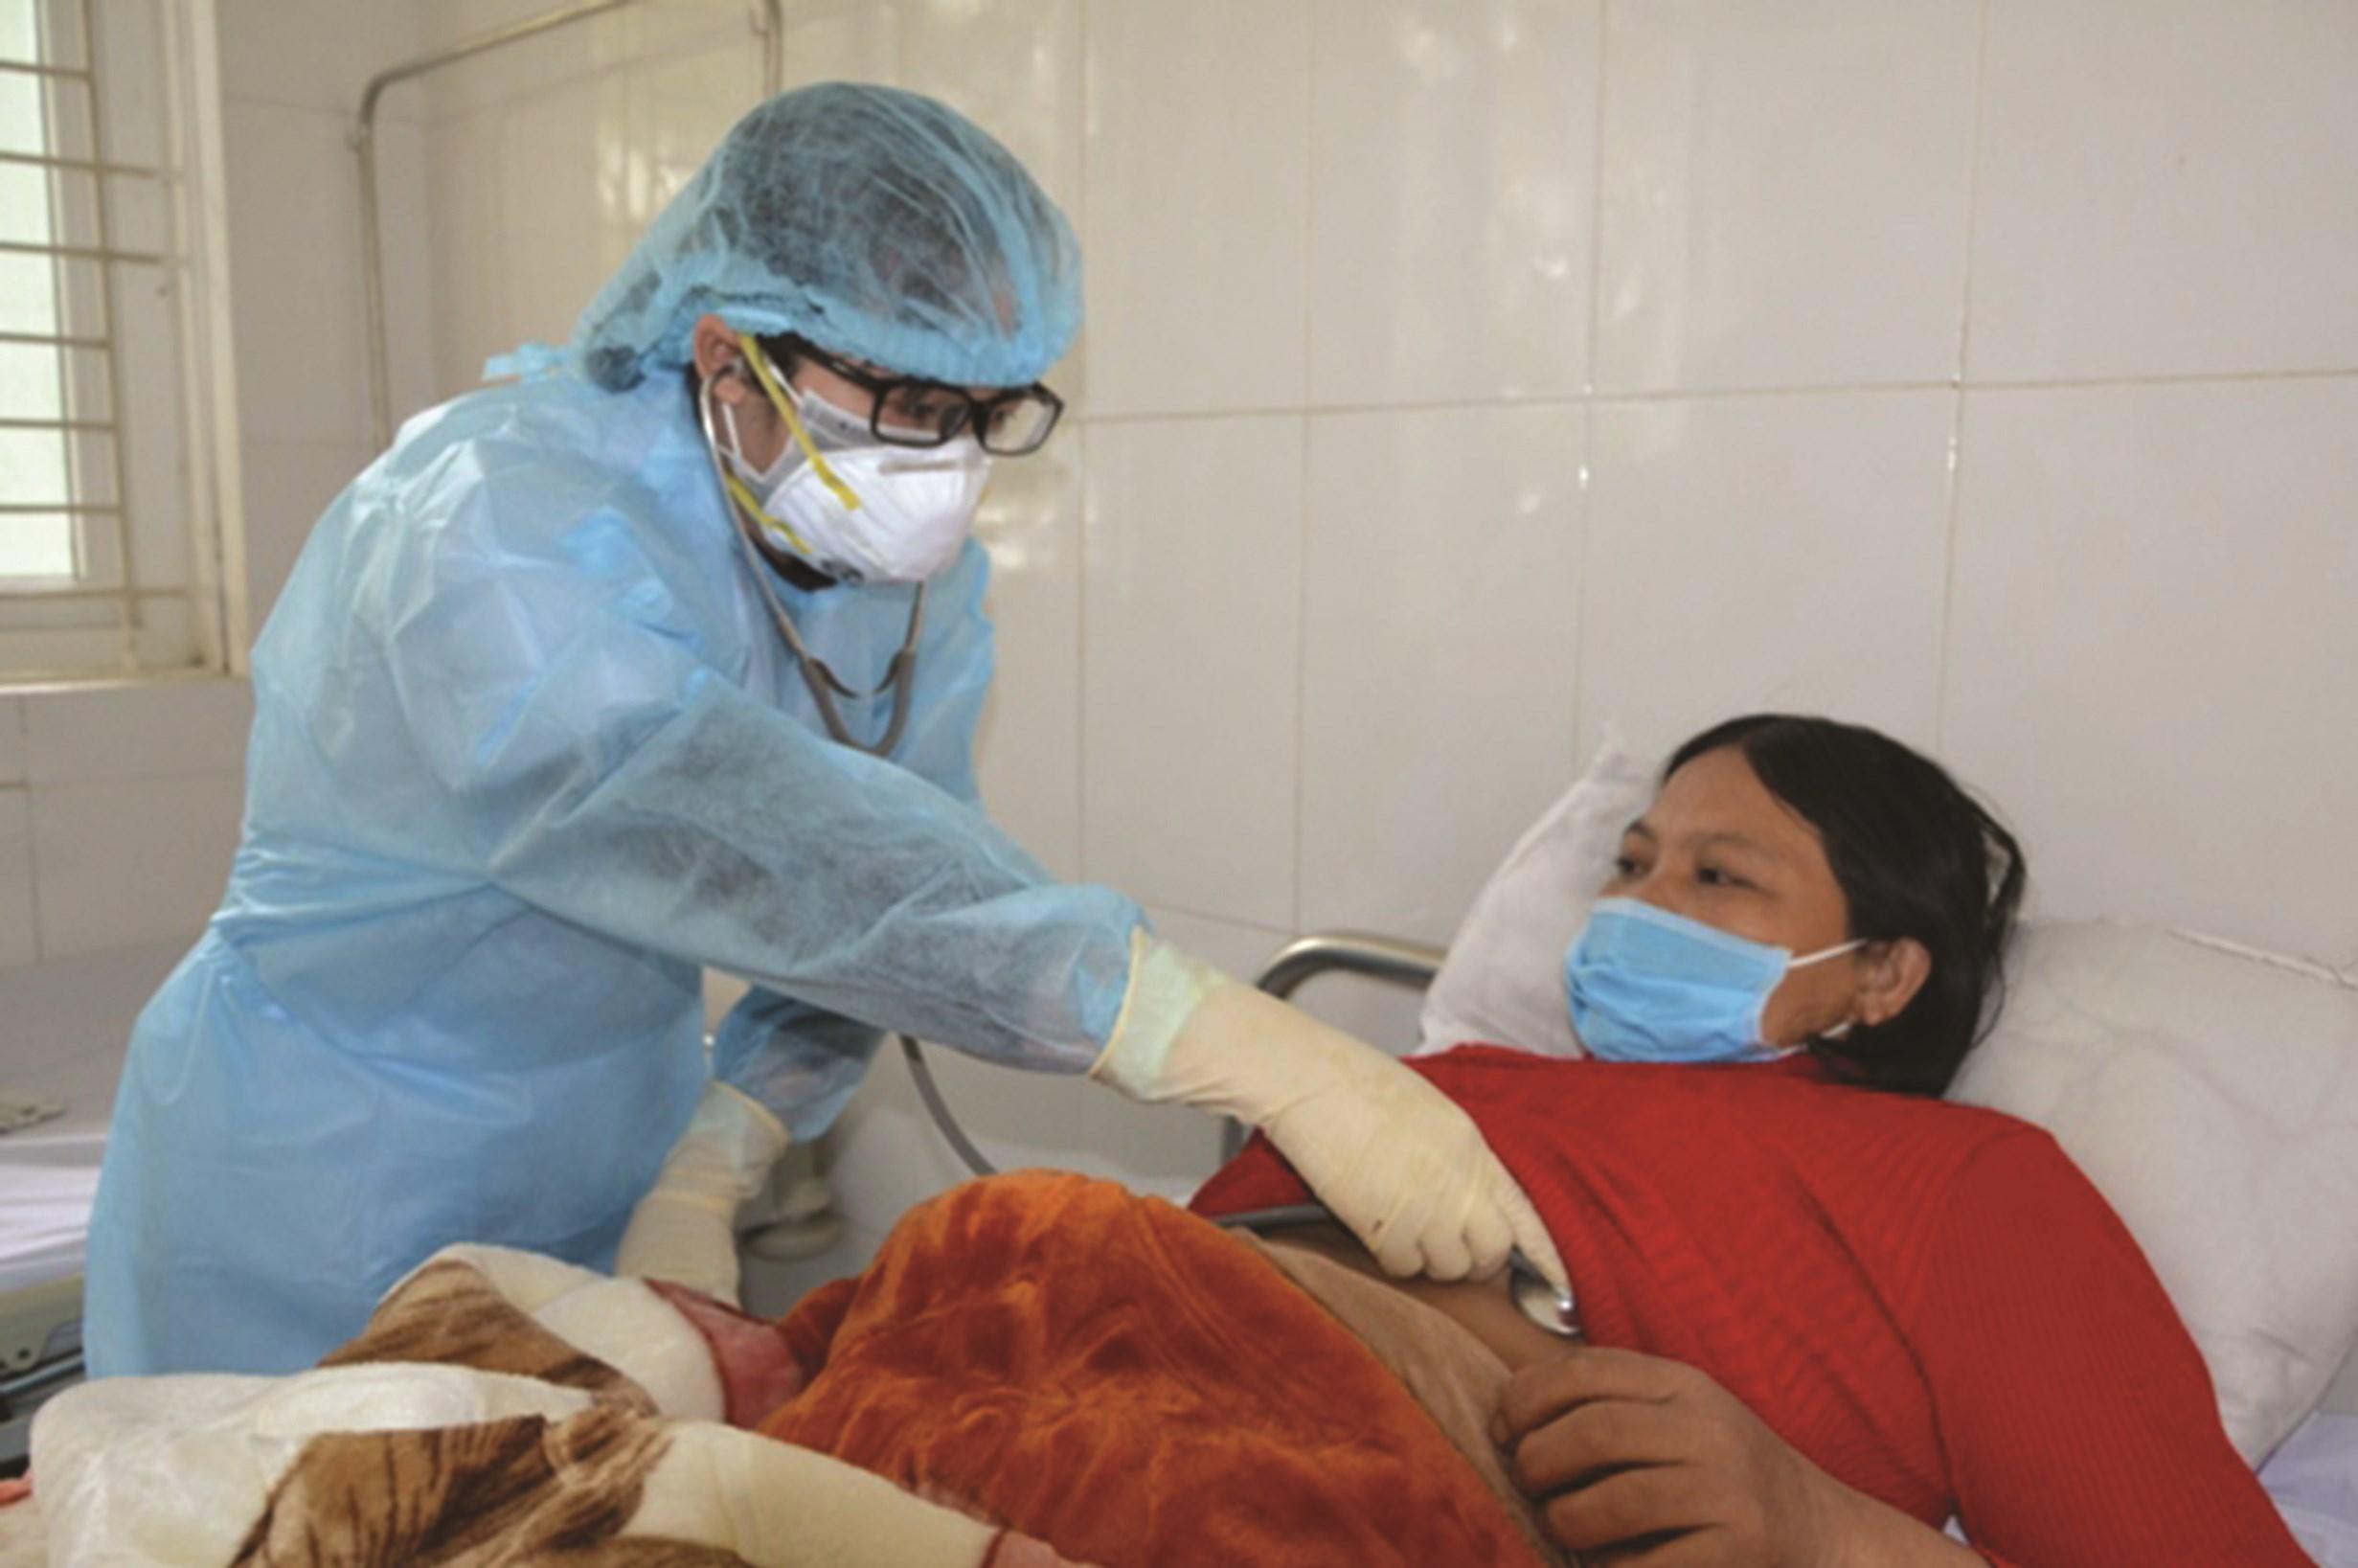 Bác sĩ Thu thăm khám cho bệnh nhân nghi nhiễm nCoV, ở khu cách ly, BVĐK Lào Cai